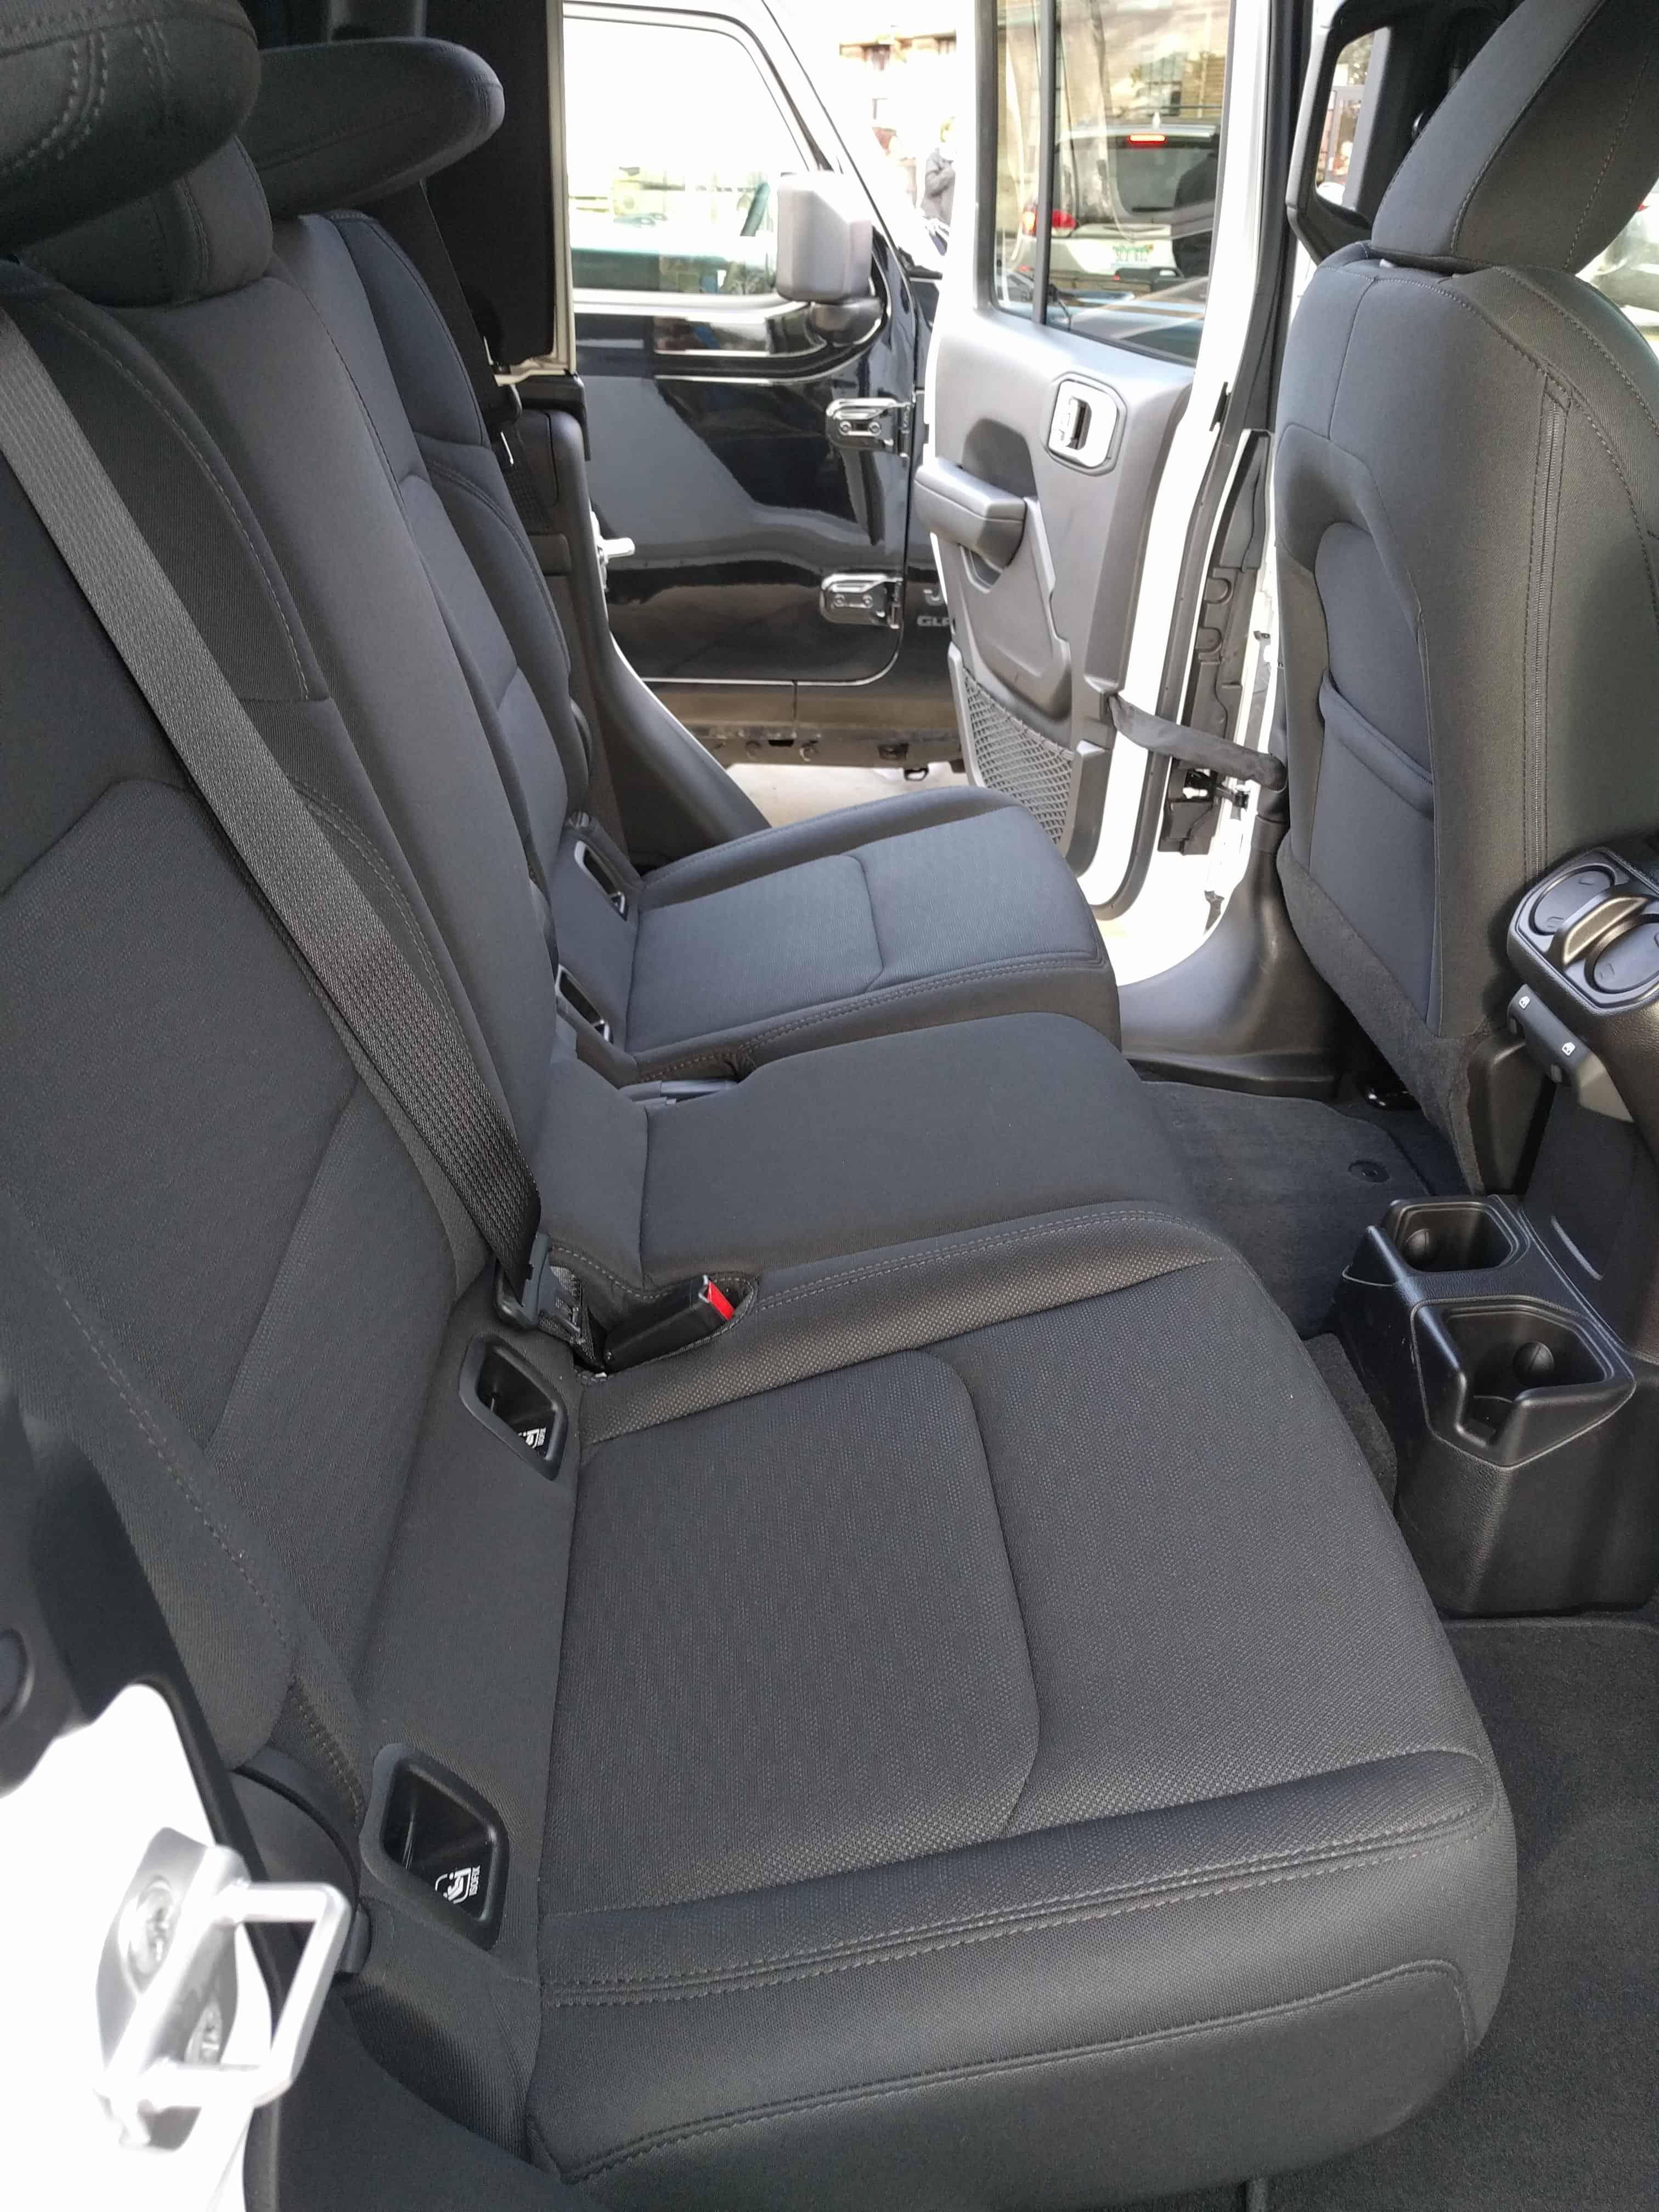 2020 jeep gladiator new truck rear seats